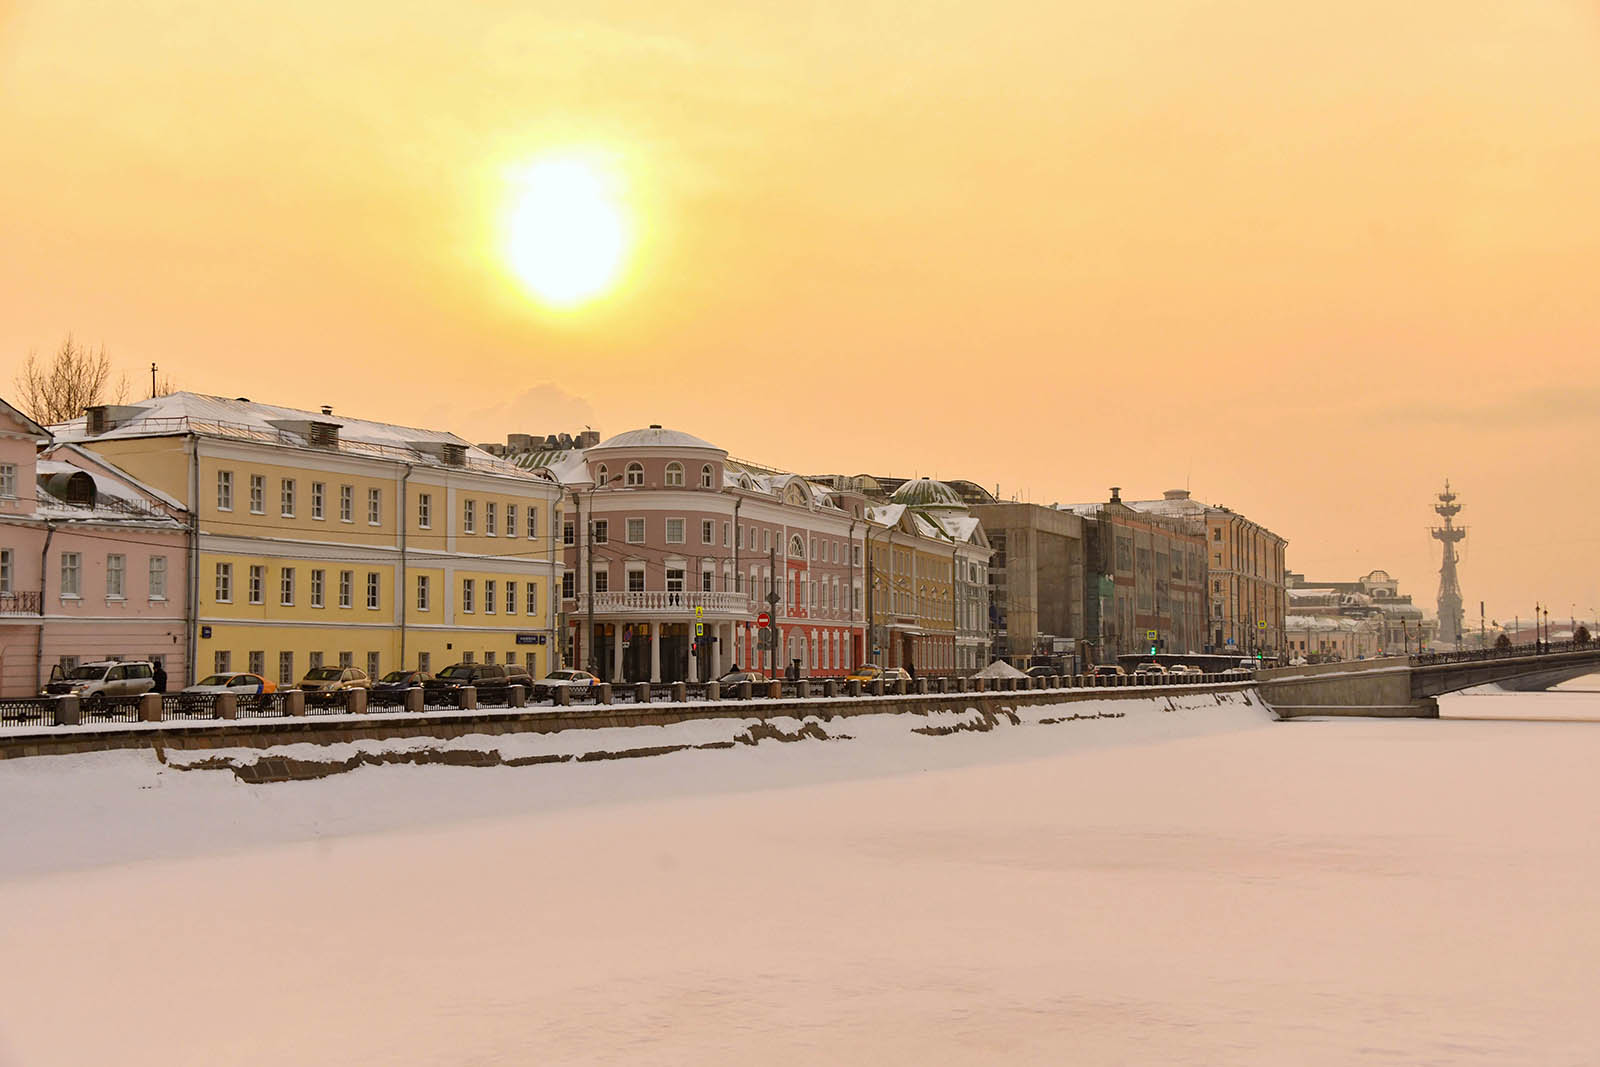 Мороз и небольшой снег: какой будет погода на этой неделе